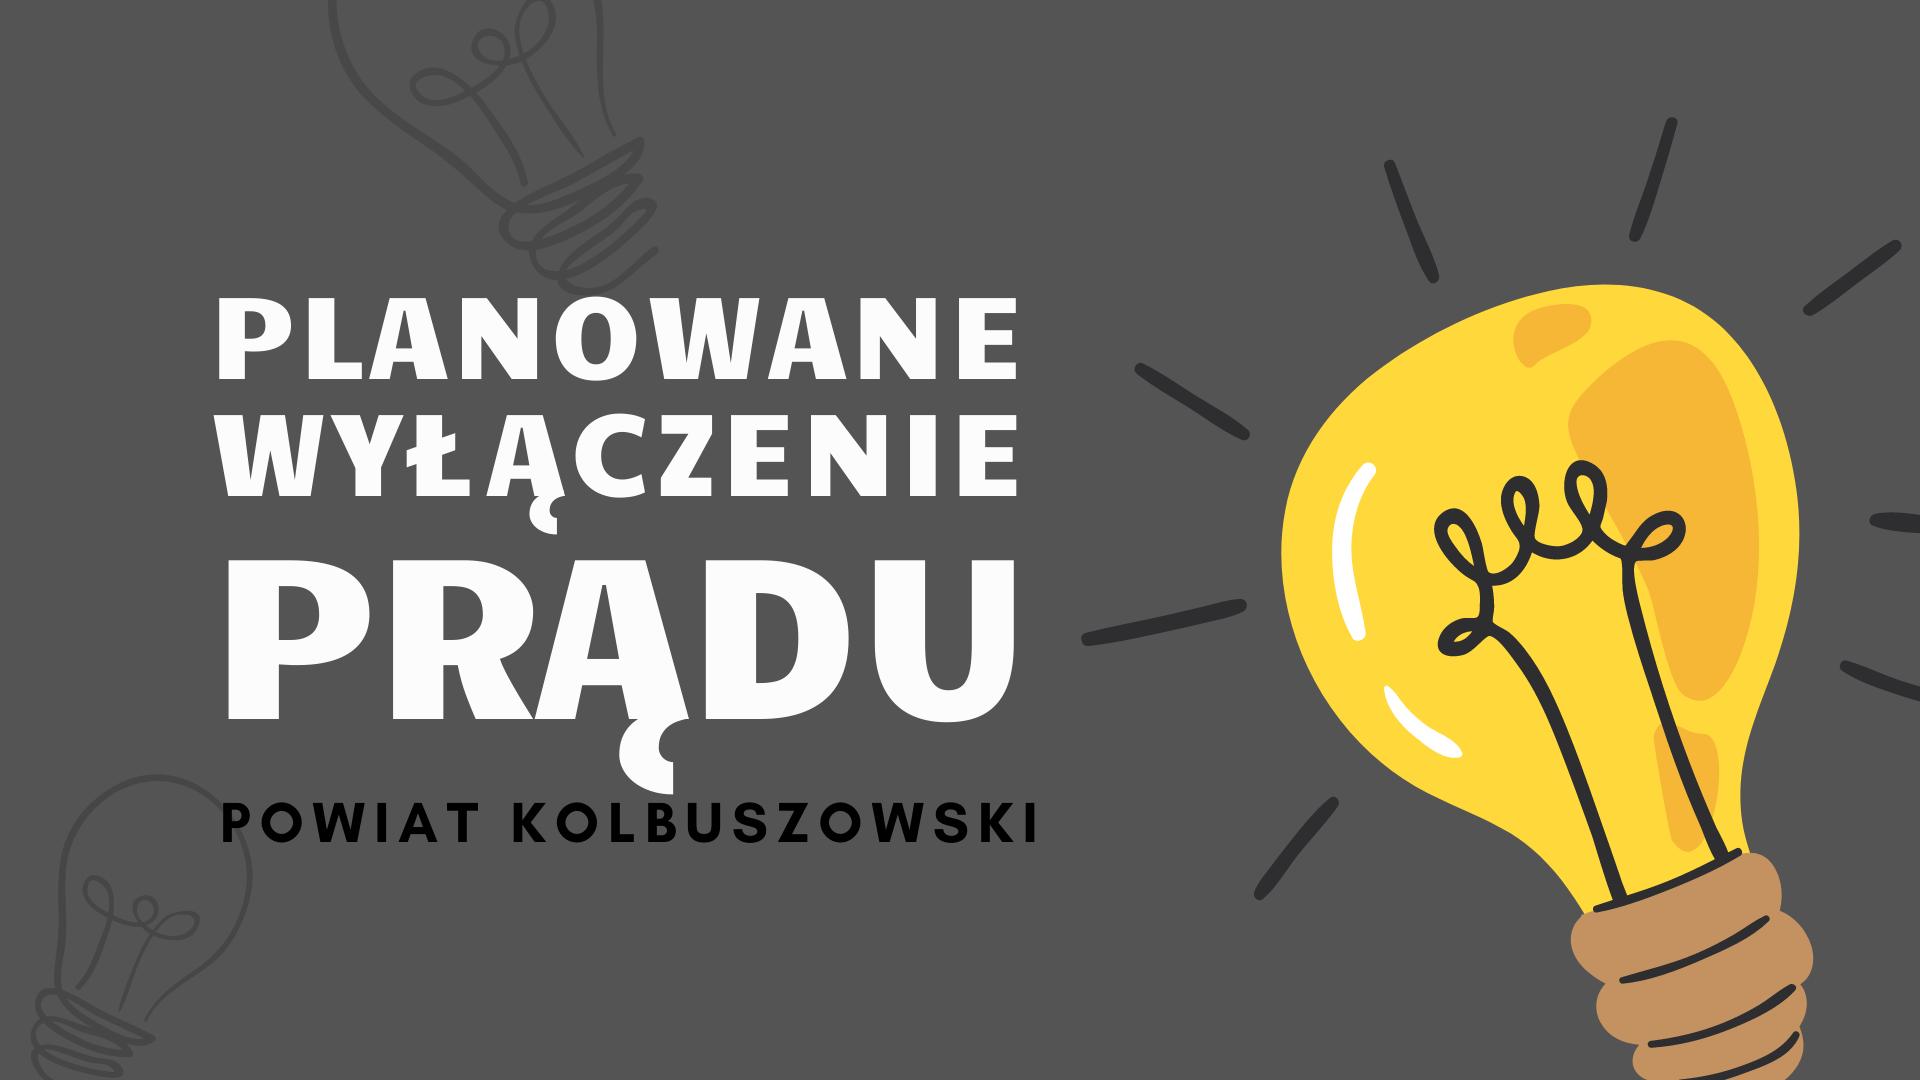 Brak prądu w październiku w powiecie kolbuszowskim [AKTUALIZACJA] - Zdjęcie główne